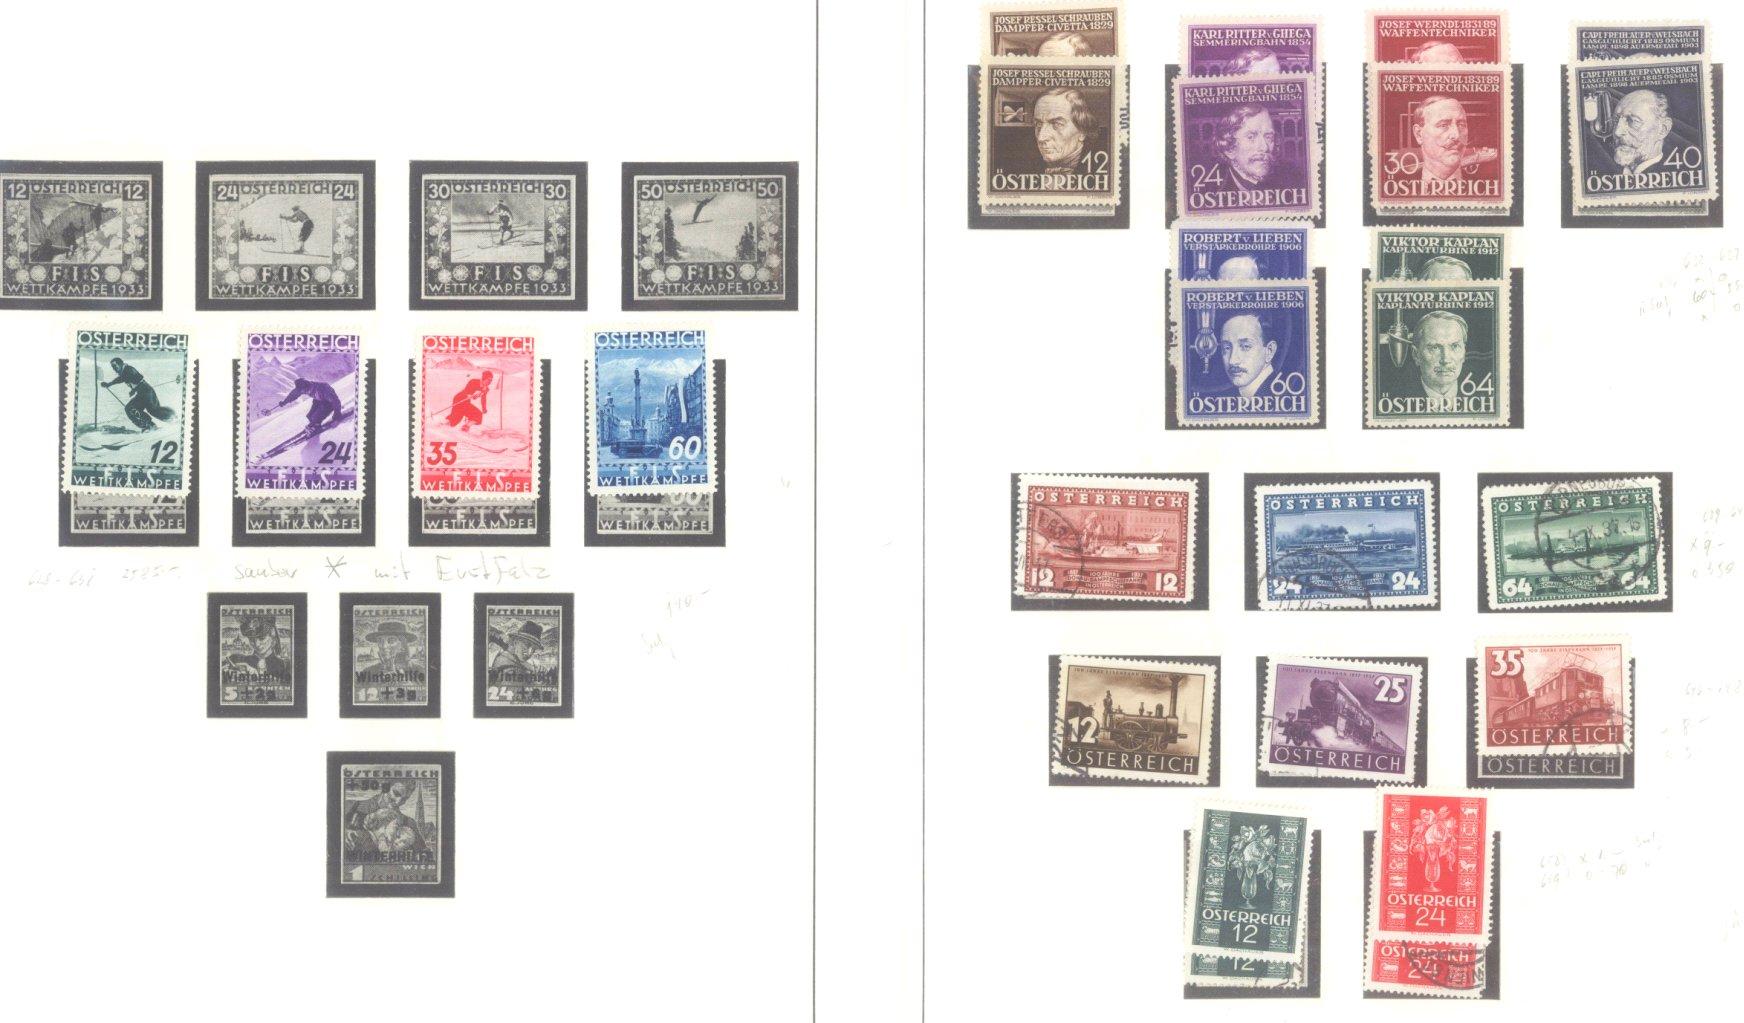 ÖSTERREICH 1850-1937